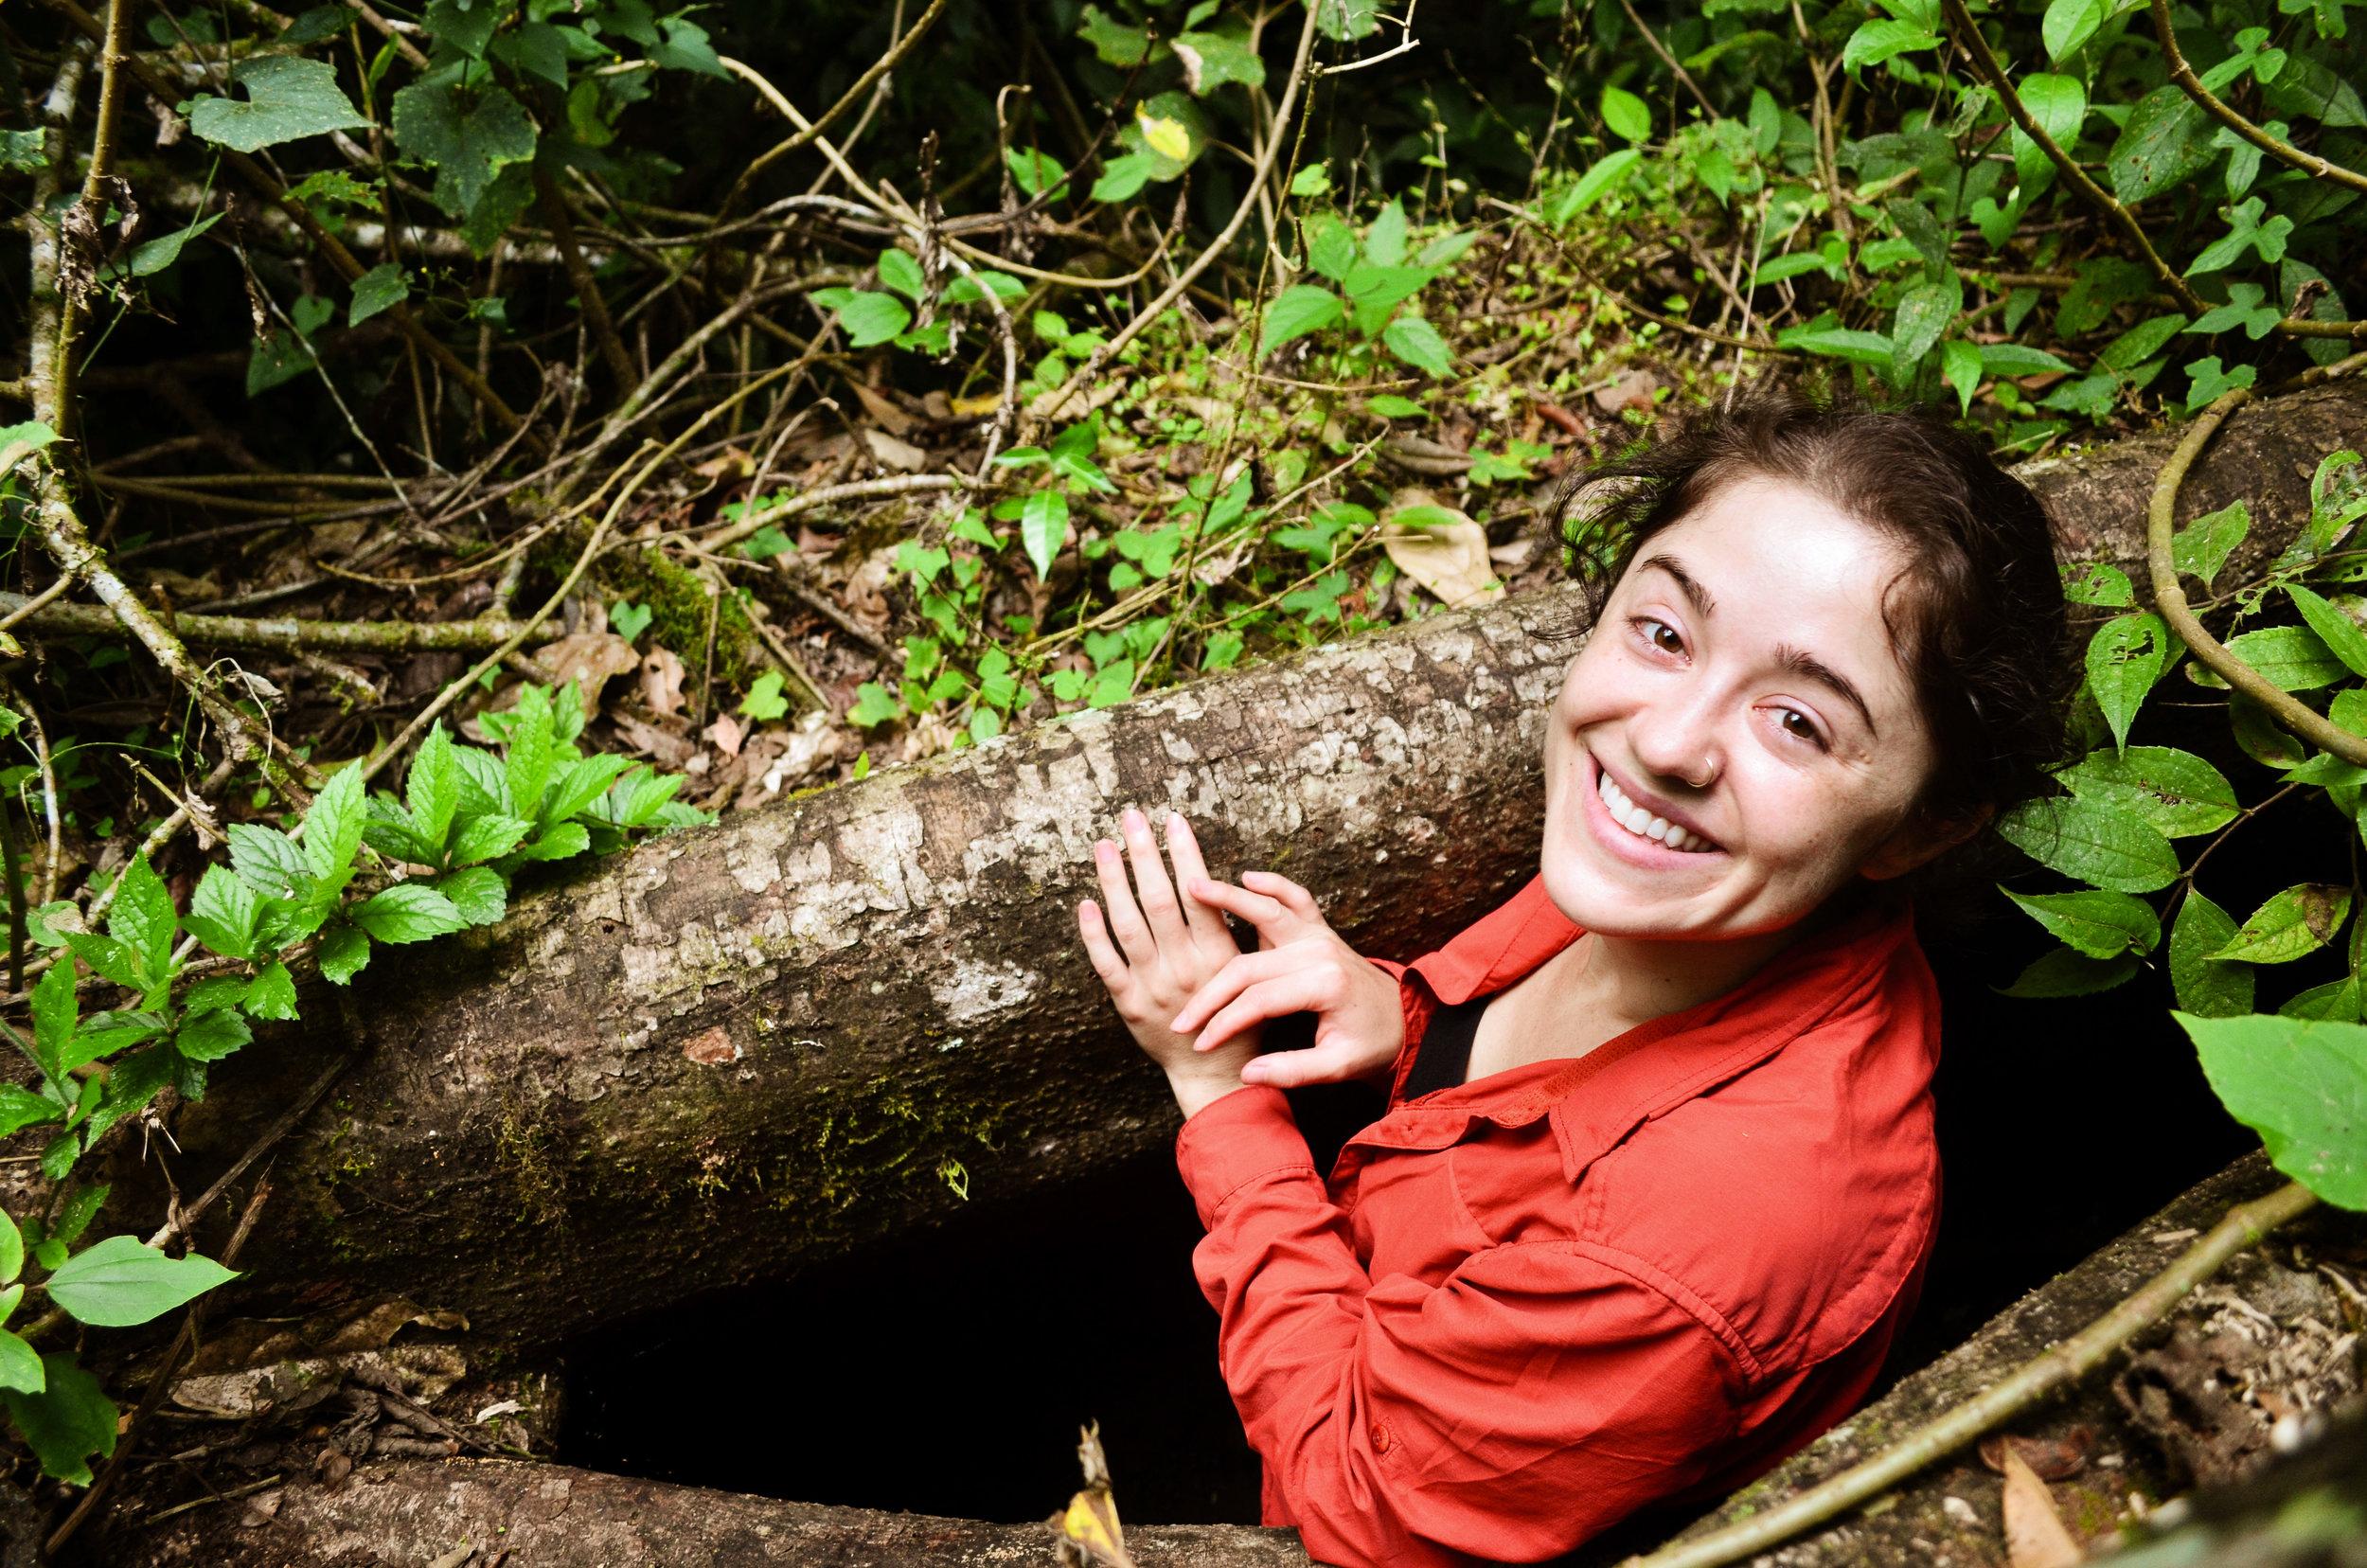 Rebecca peeking out from a matapalo tree